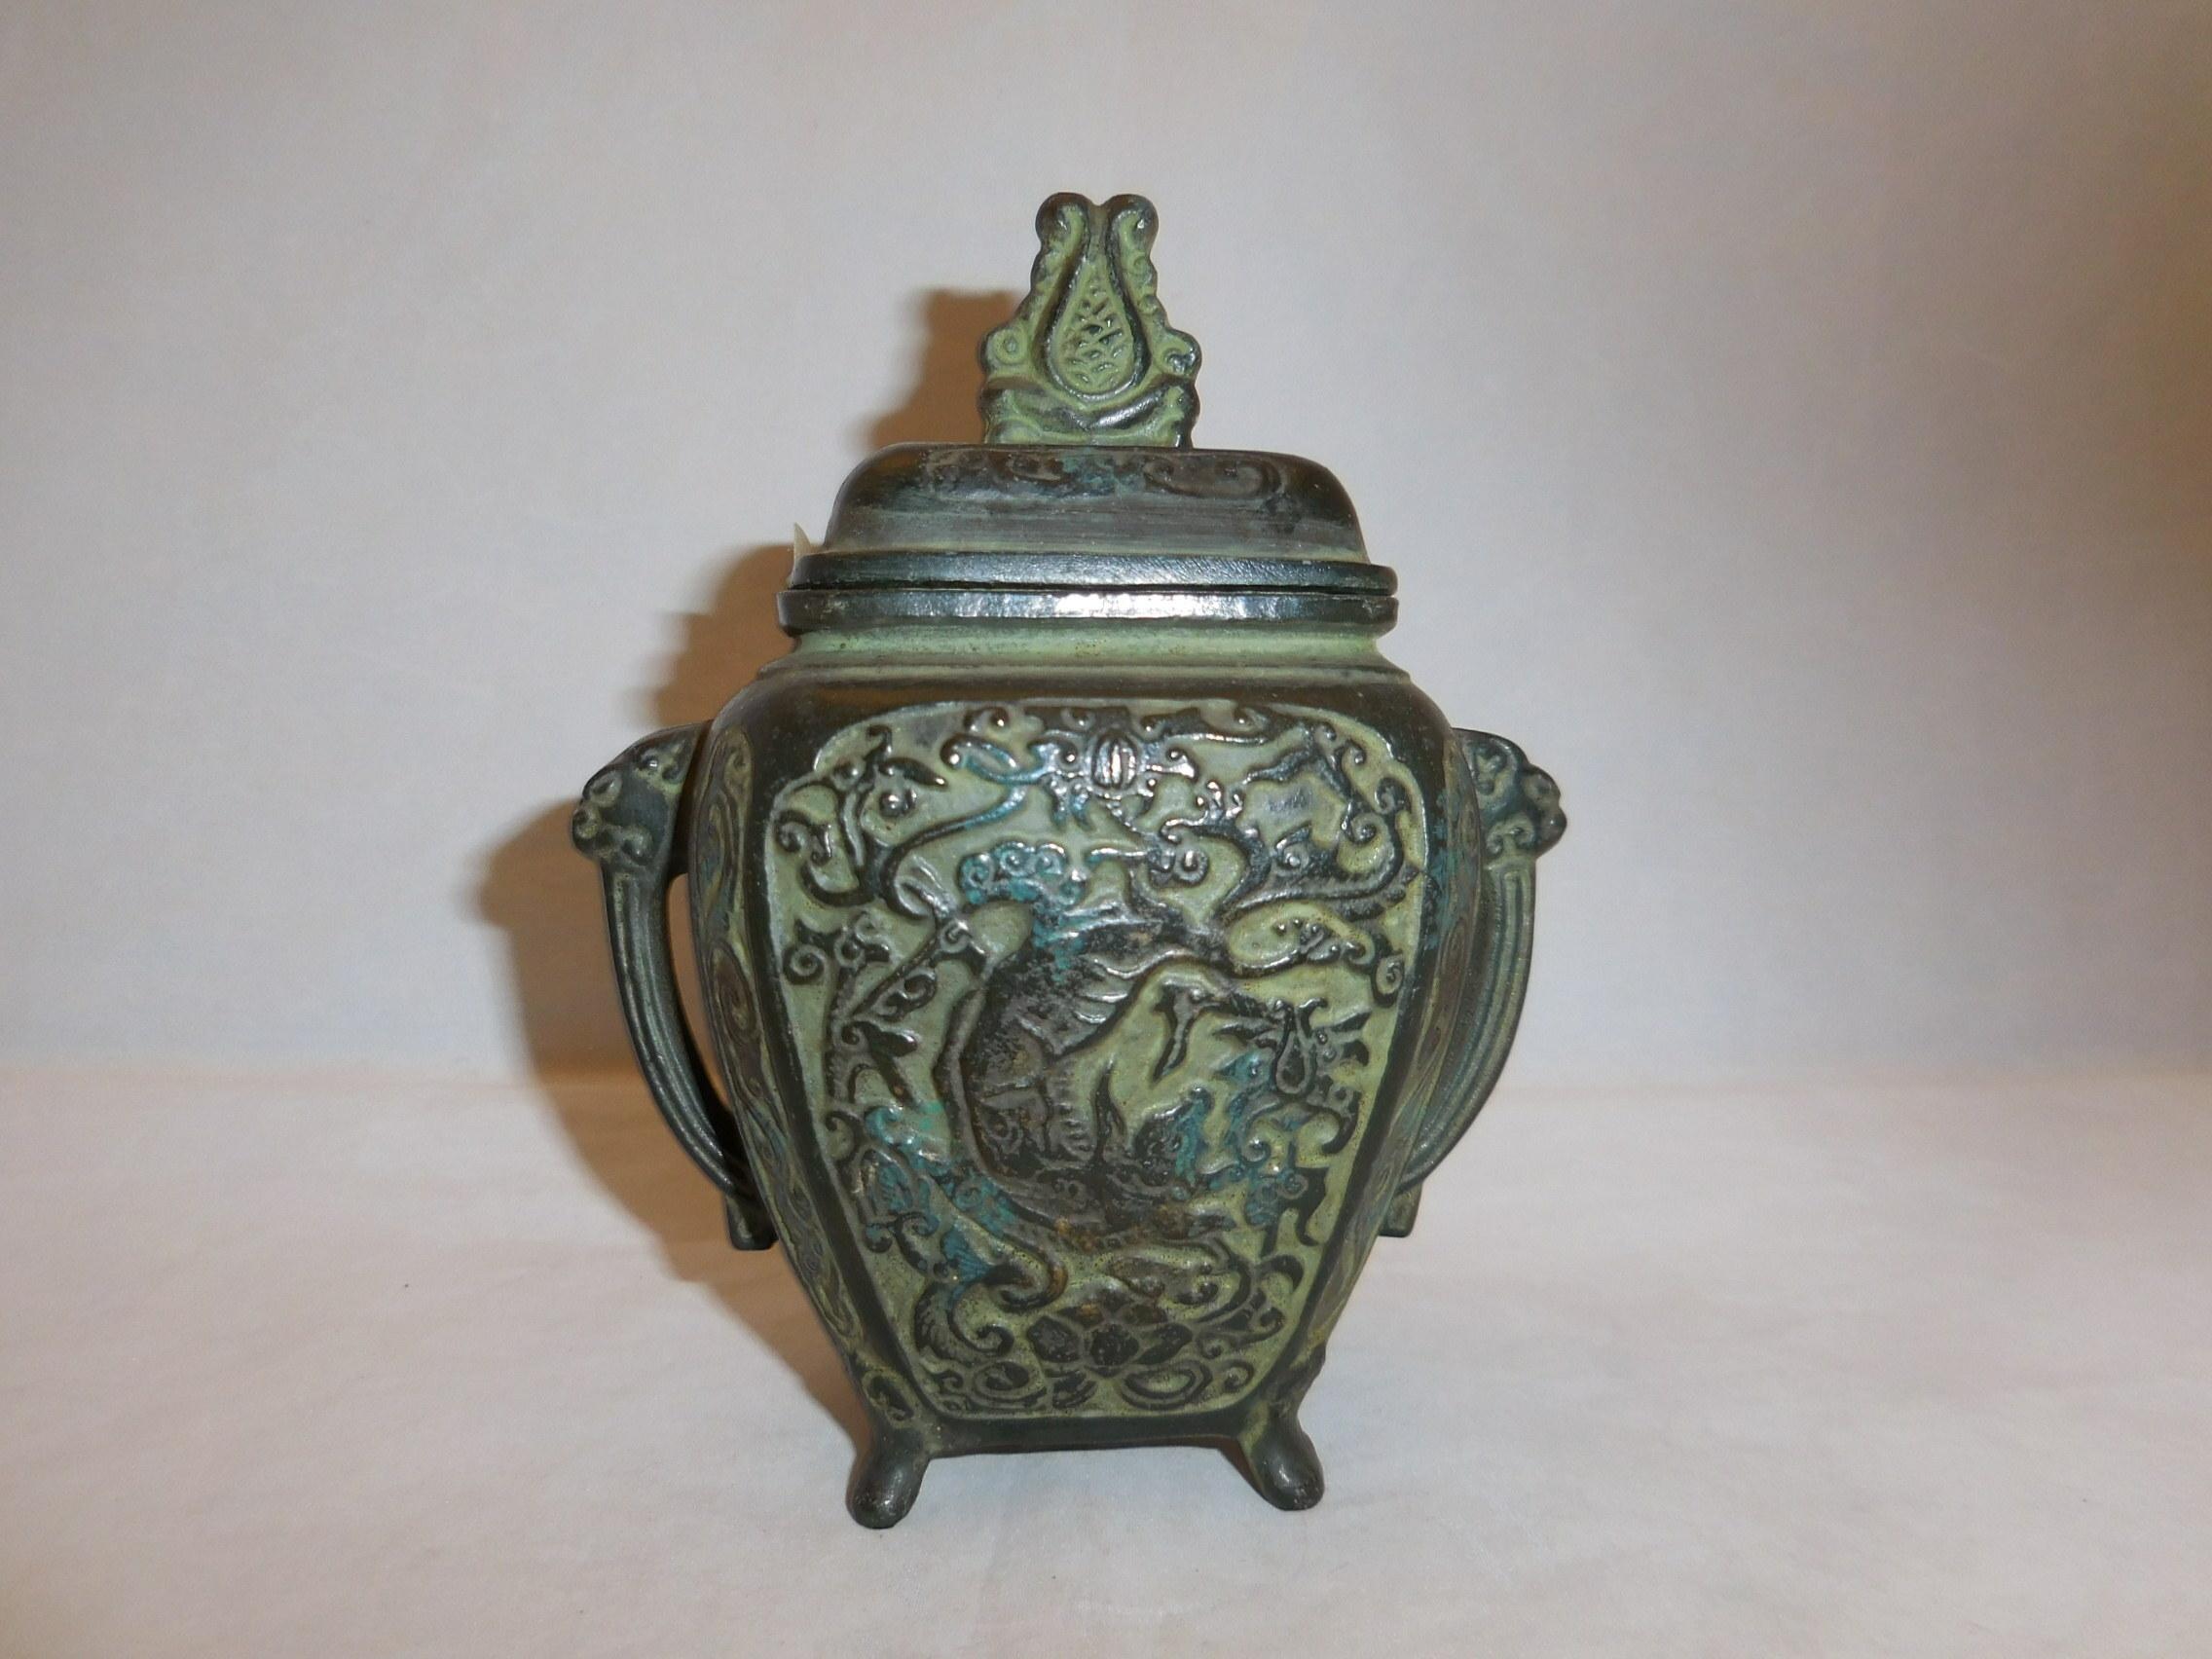 香炉 metal incense burner (No26)